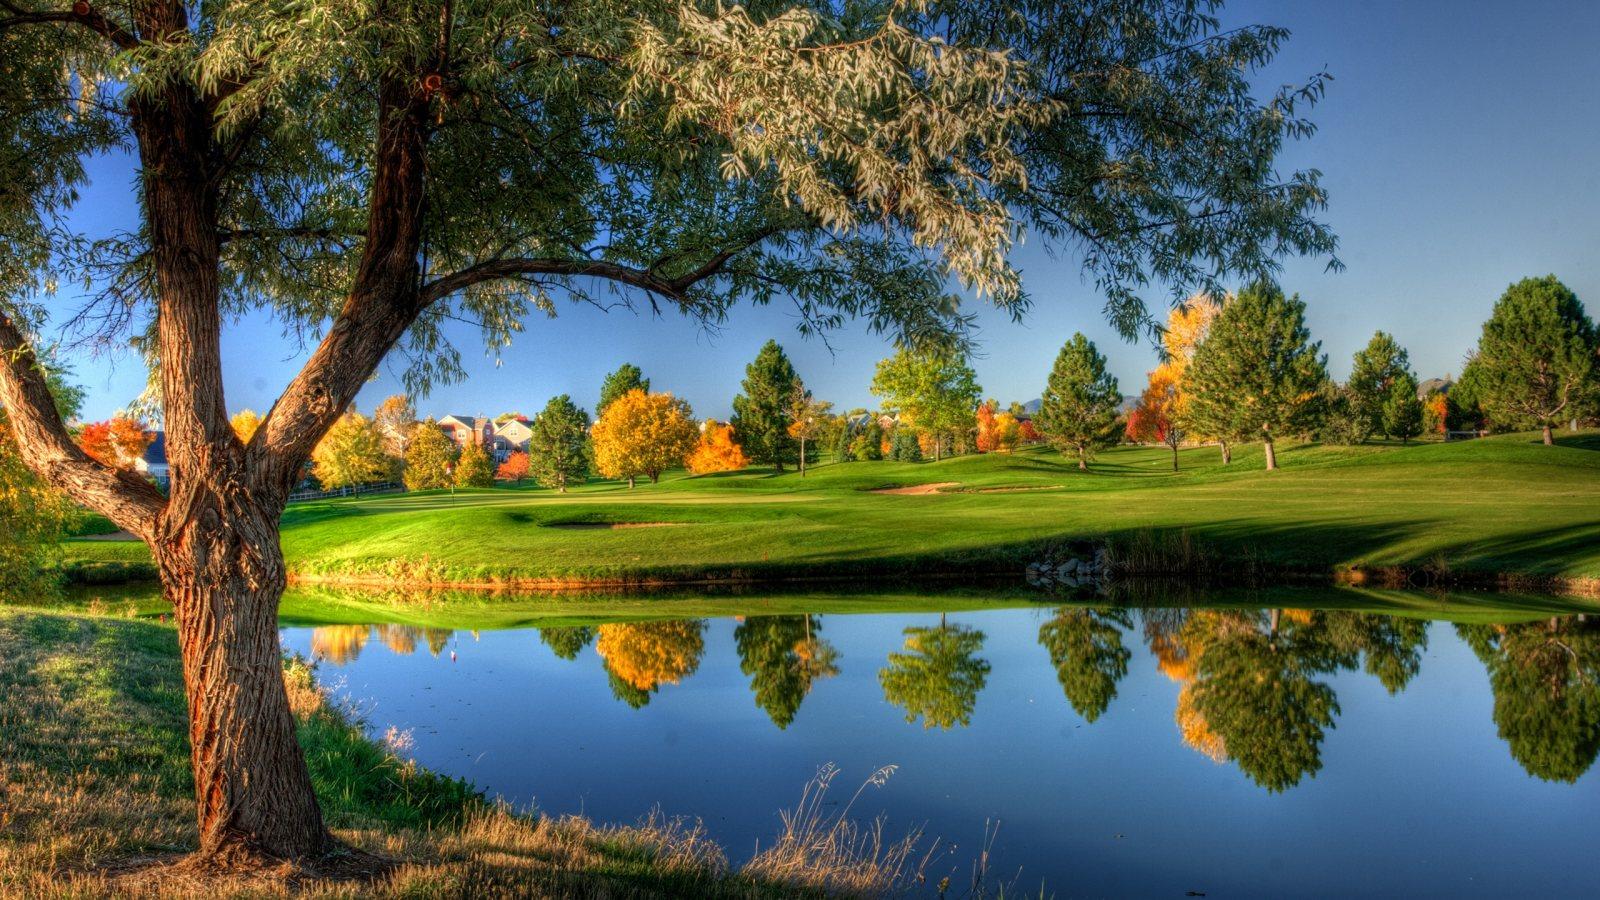 marvelous autumn landscape wallpapers